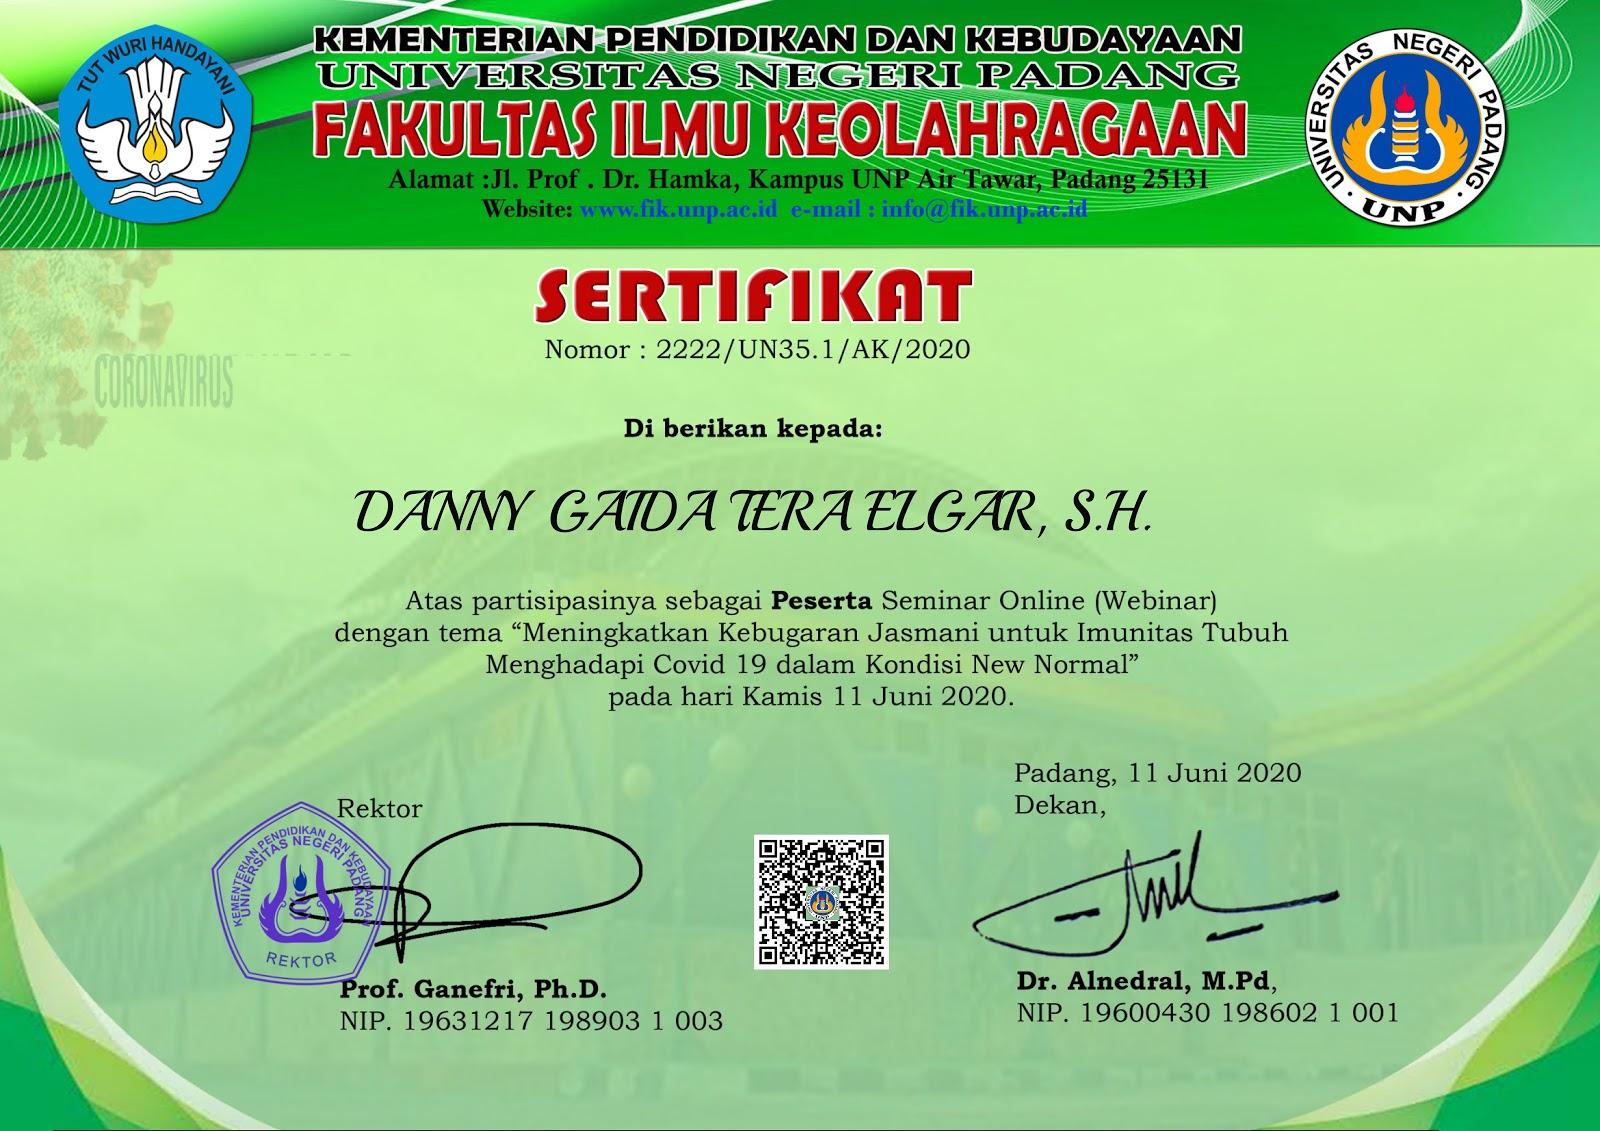 Sertifikat Fakultas Ilmu Keolahragaan Universitas Negeri Padang (UNP) | Meningkatkan Kebugaran Jasmani untuk Imunitas Tubuh Menghadapi COVID-19 dalam Kondisi New Normal (Kamis, 11 Juni 2020)